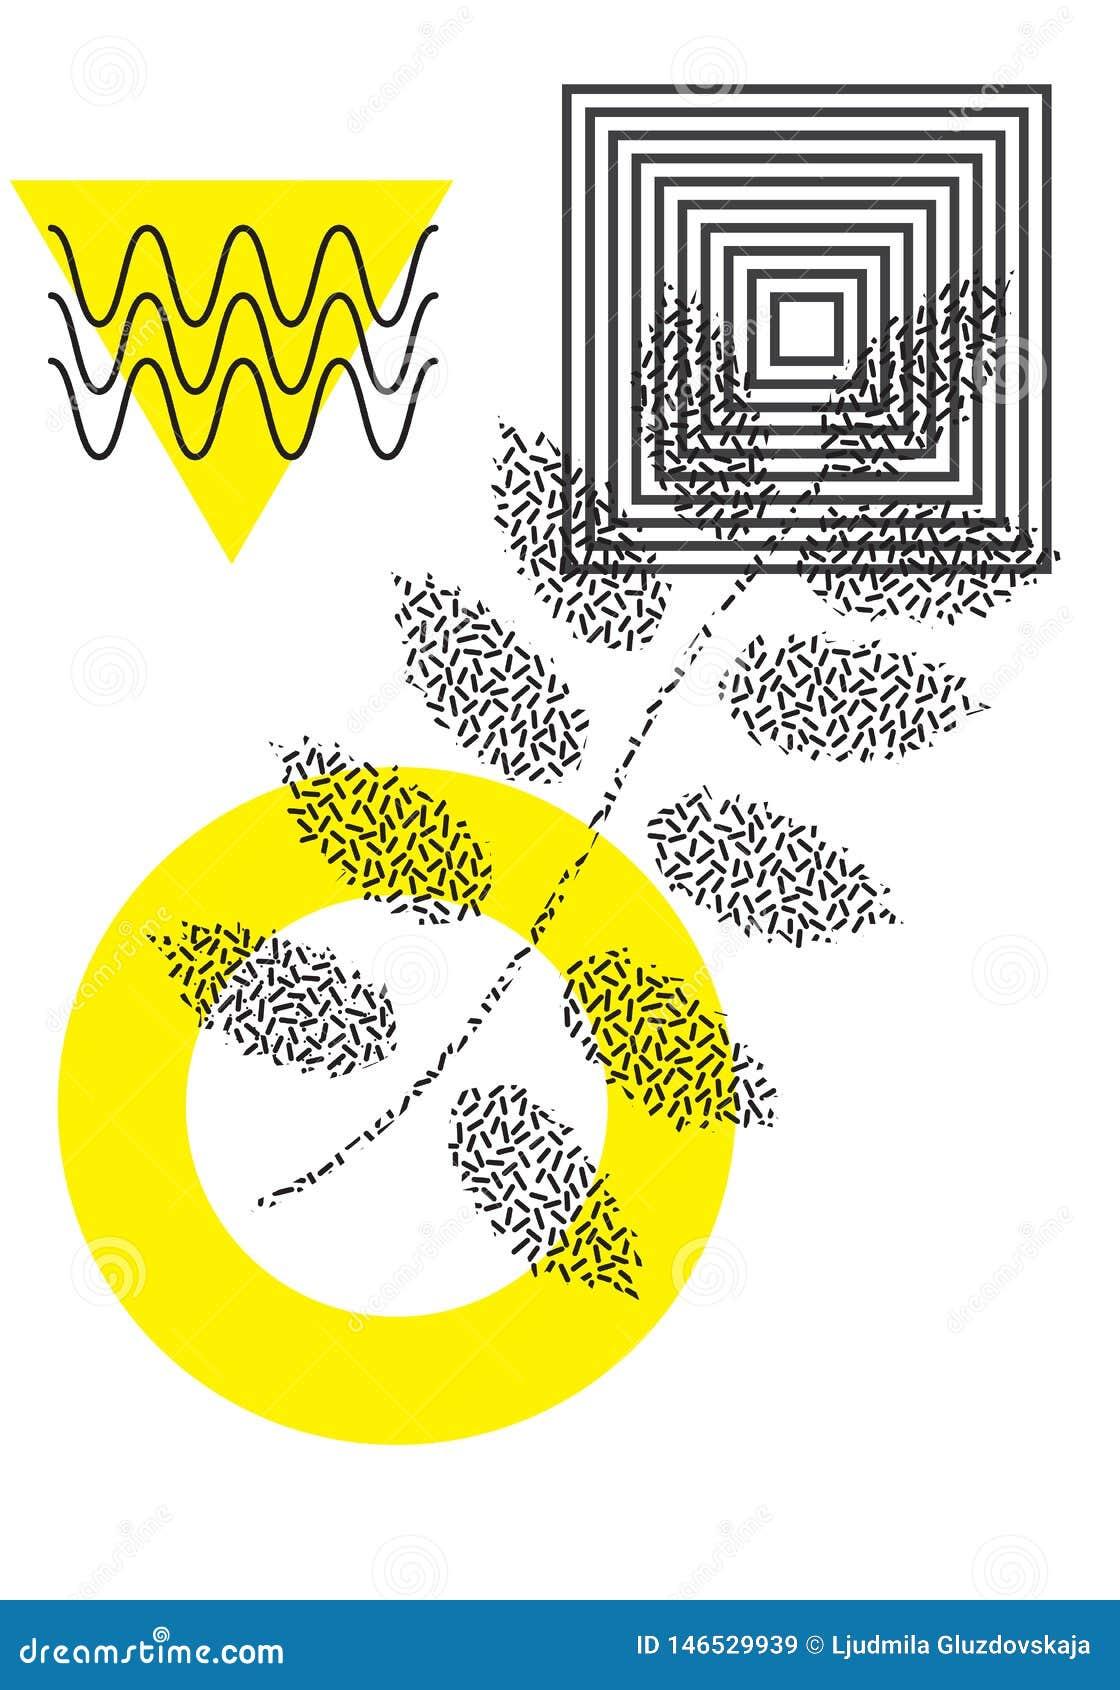 Affiche universelle de tendance juxtapos?e avec la composition g?om?trique audacieuse lumineuse en ?l?ments de jaune de feuillage